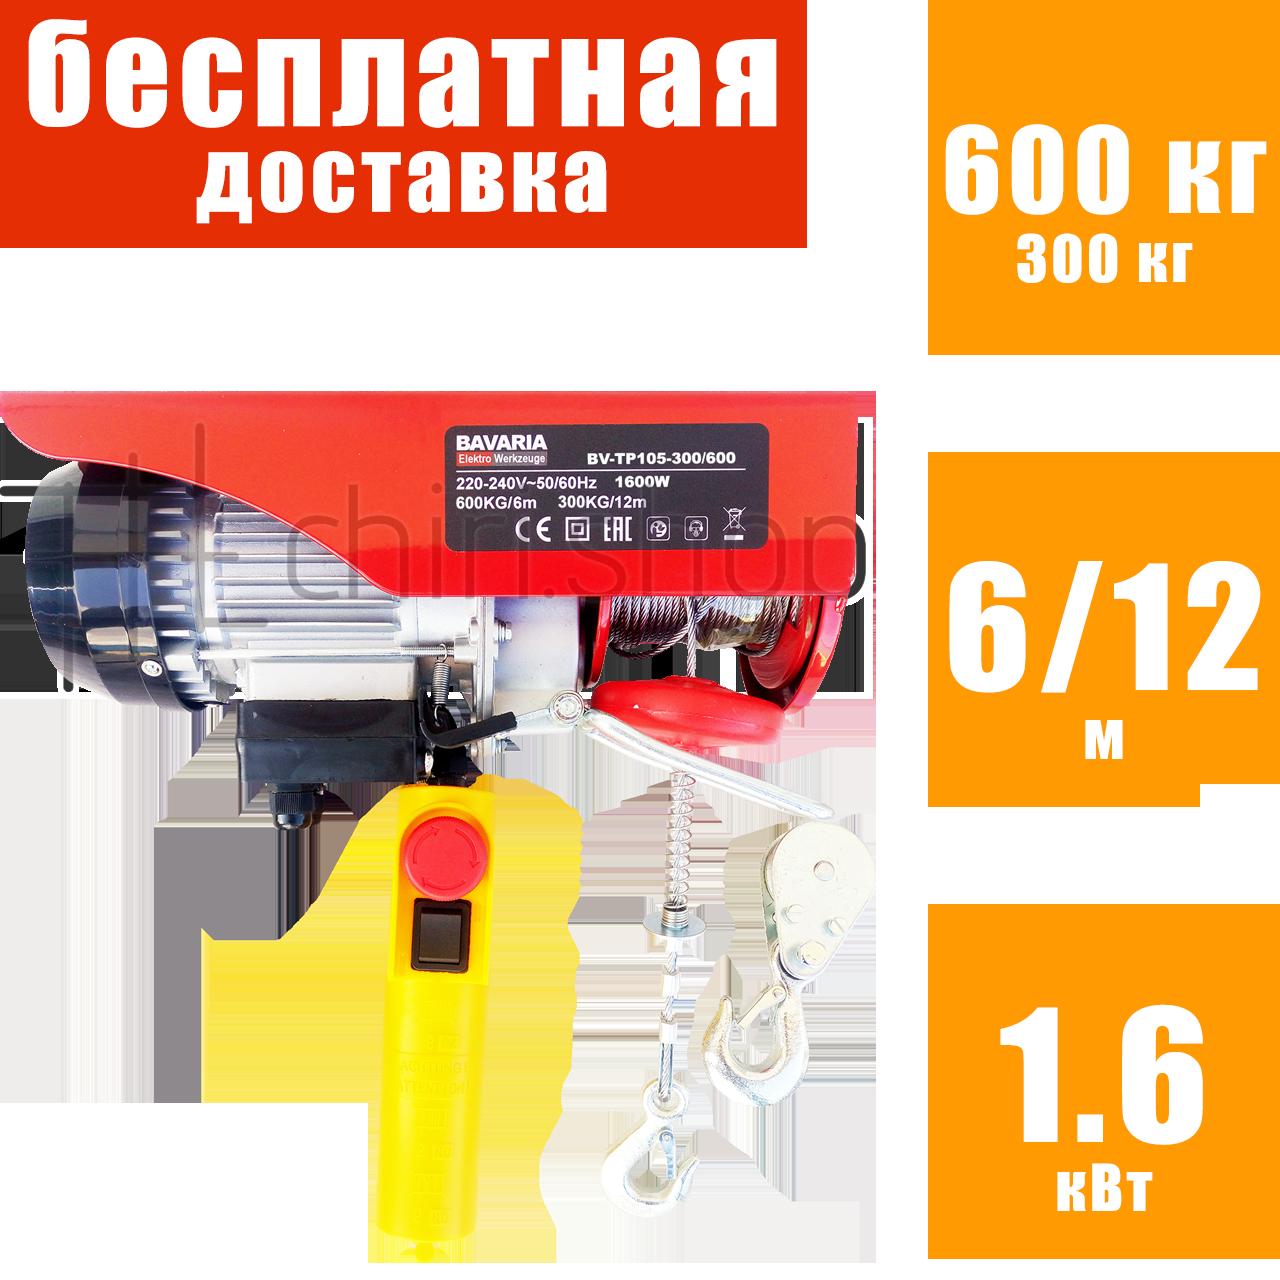 Тельфер электрический 300/600 кг 12/6 м Bavaria TP 105, лебёдка электрическая канатная электроталь